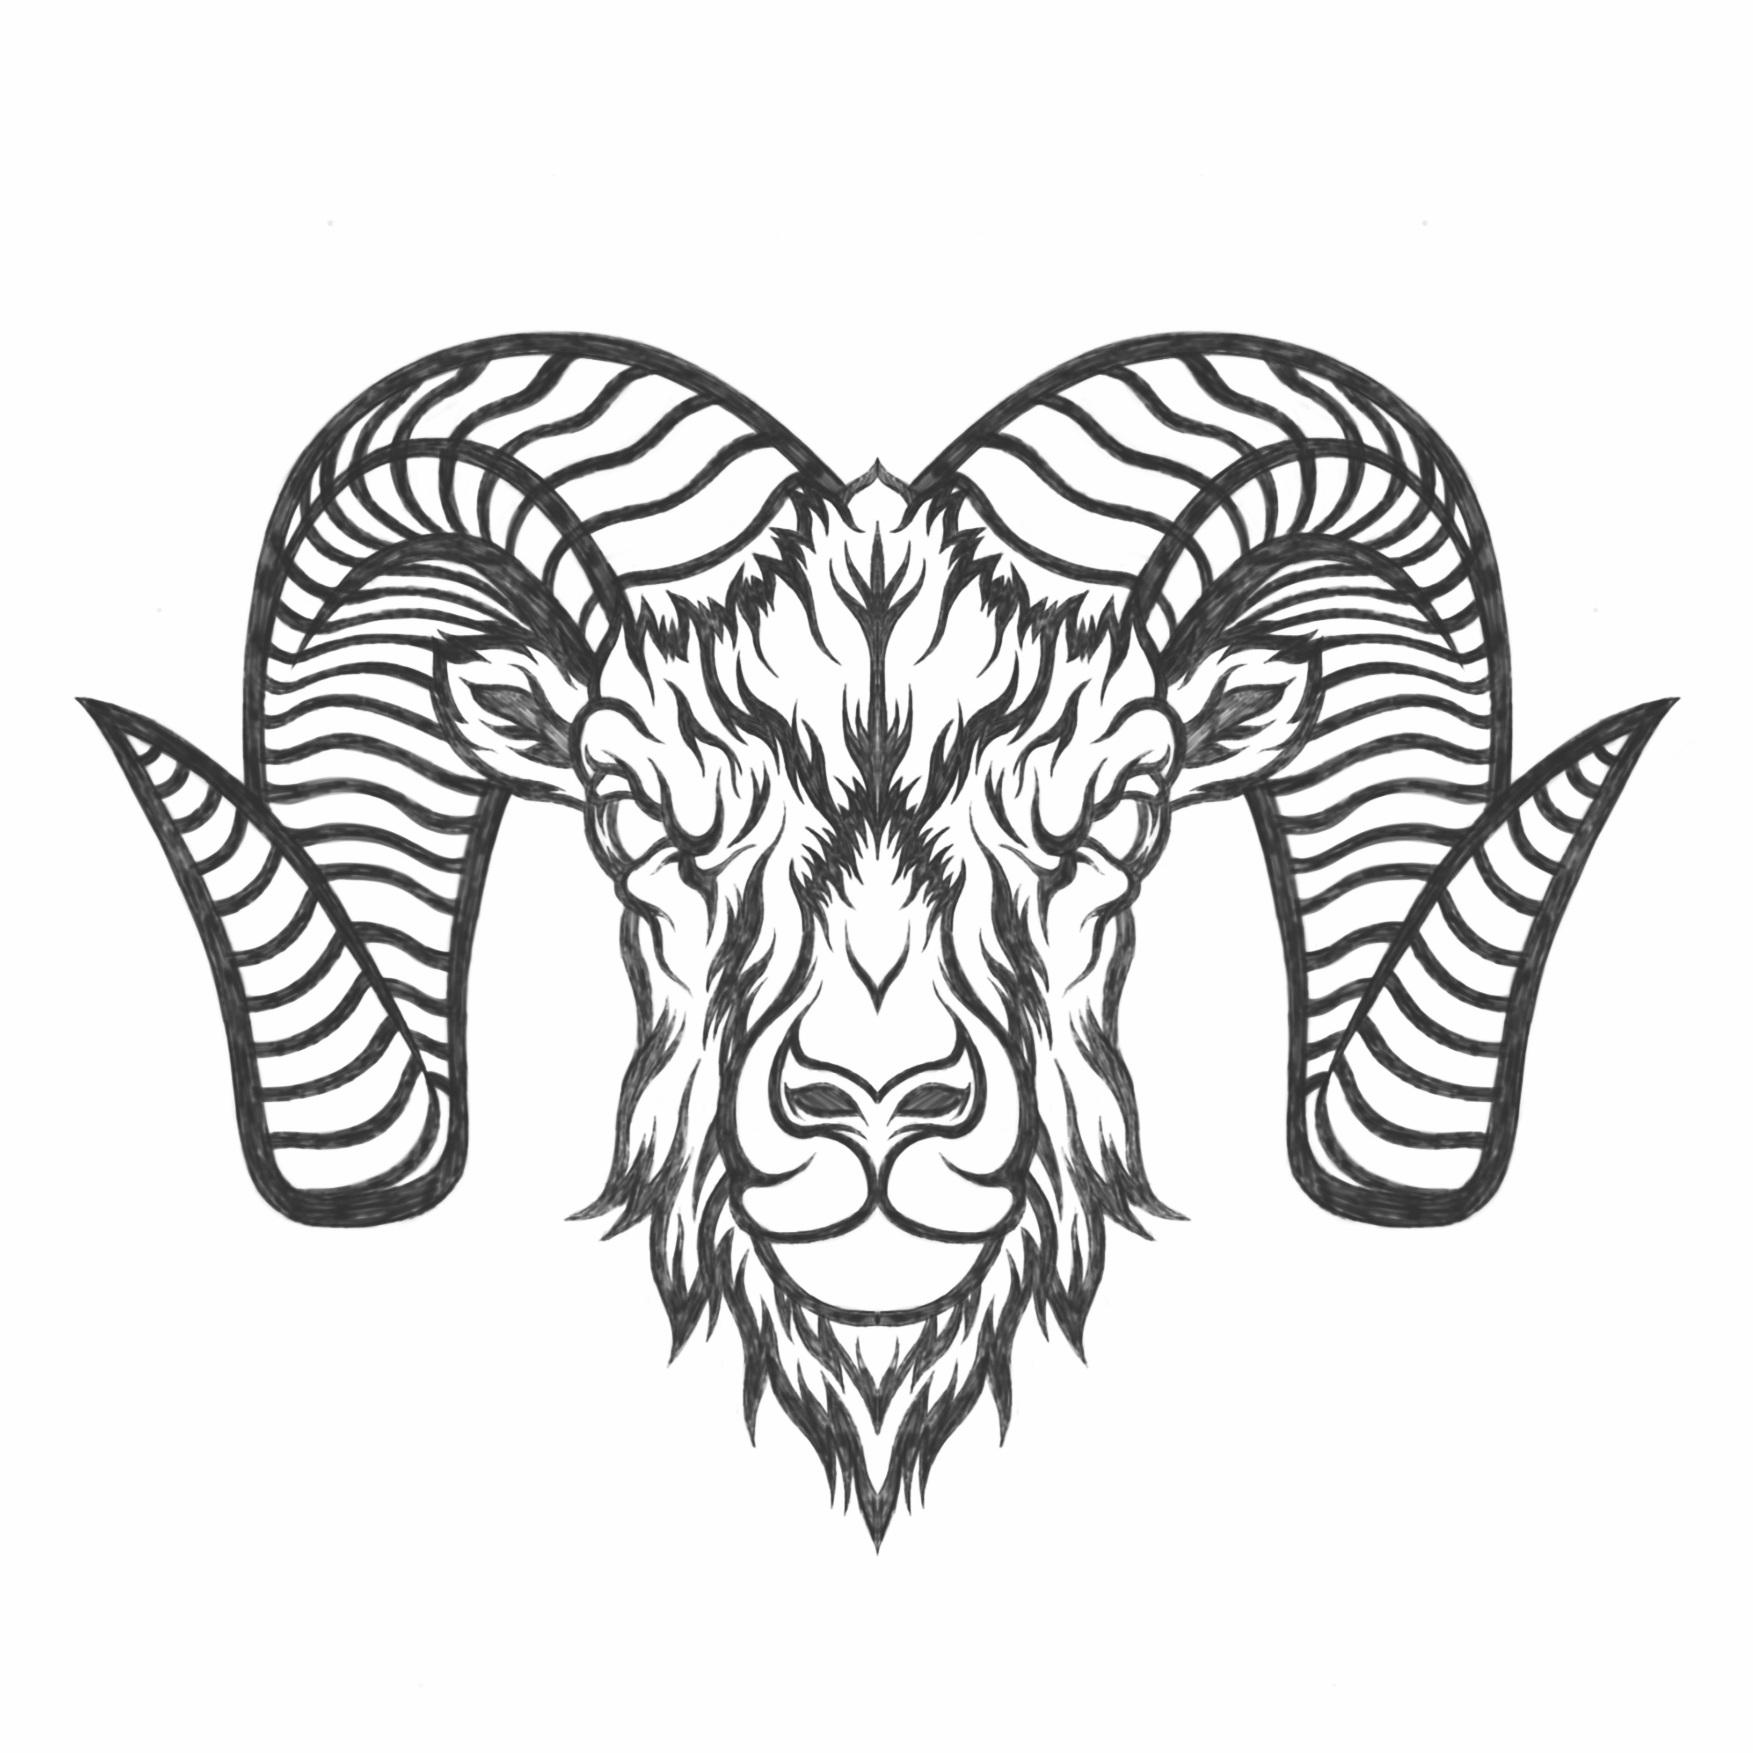 orozcodesign-keywaydesigns-ram-illustration-sketch.jpg